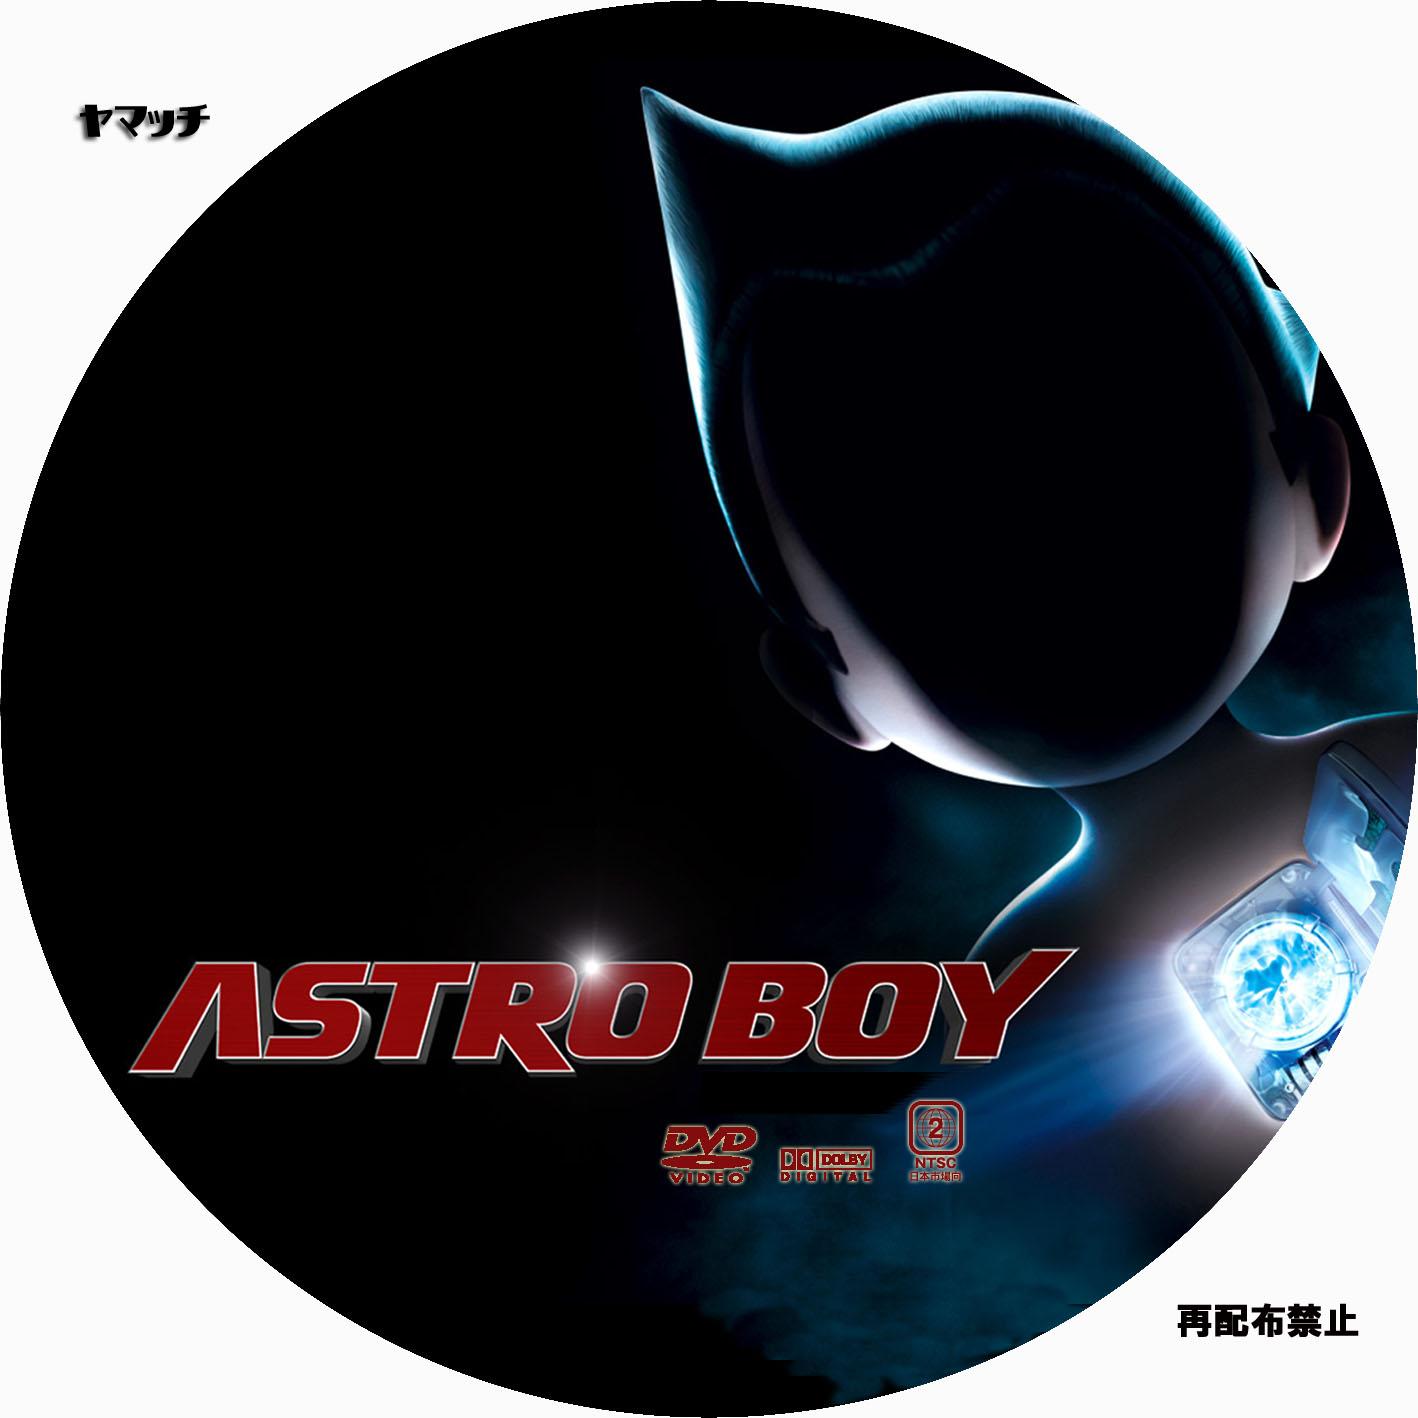 鉄腕アトム DVD-BOX(2)〜ASTRO BOY〜 日本コロムビア 最安値: 池上